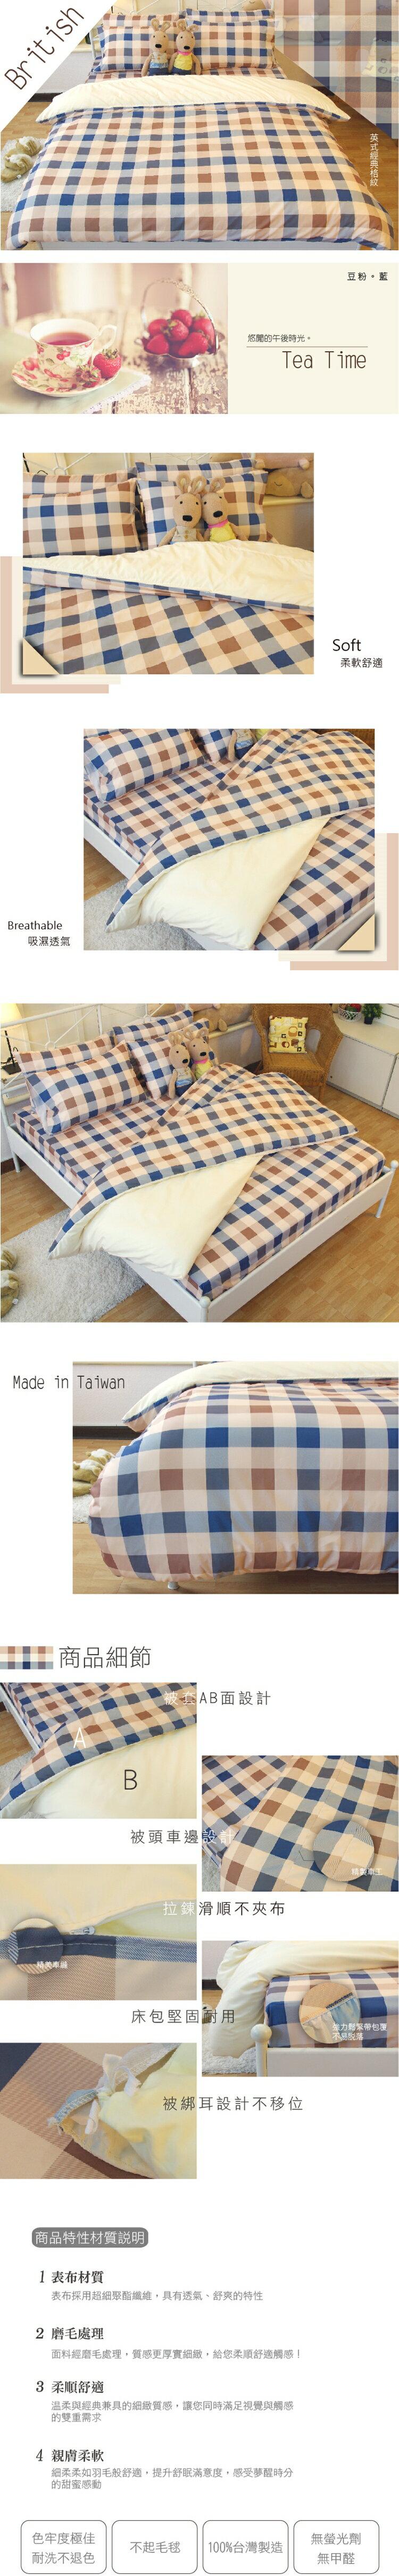 雙人床包被套四件組 英式格紋 #咖啡藍 #豆粉藍【精典格紋、觸感升級、SGS檢驗通過】 # 寢國寢城 7